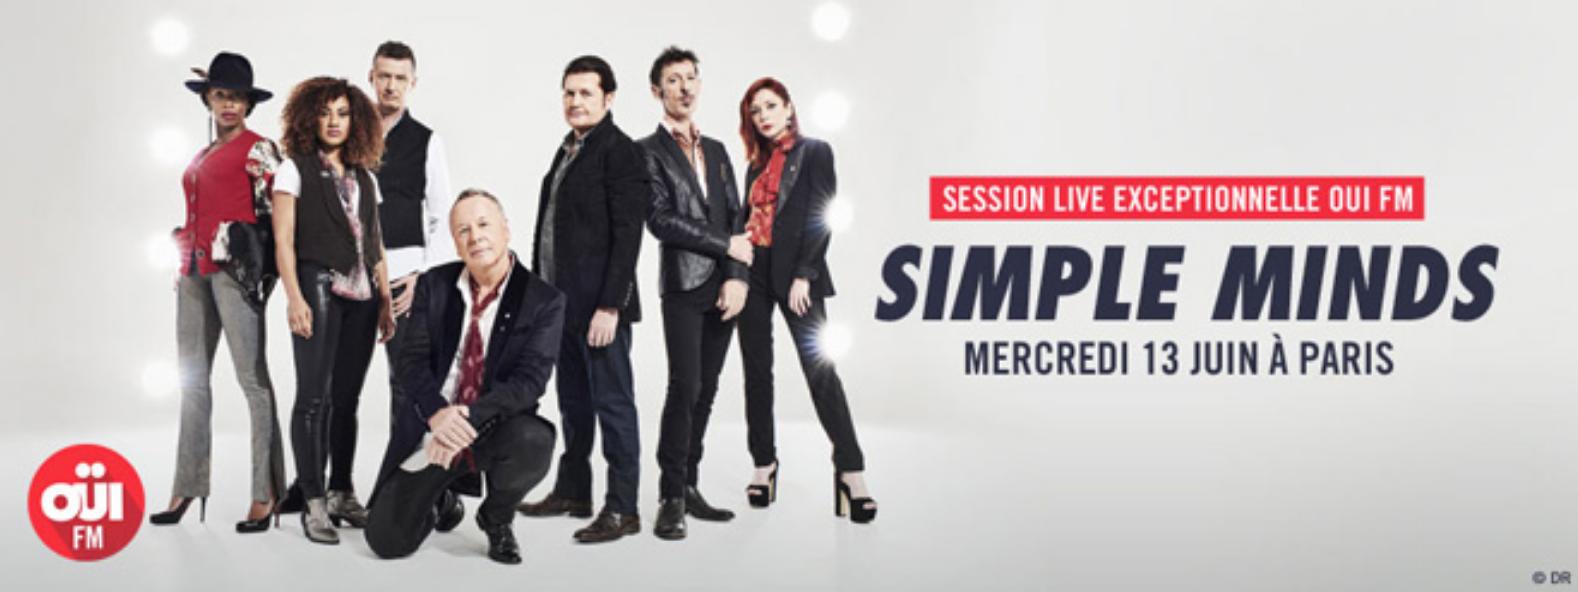 Un concert de Simple Minds avec Oui FM